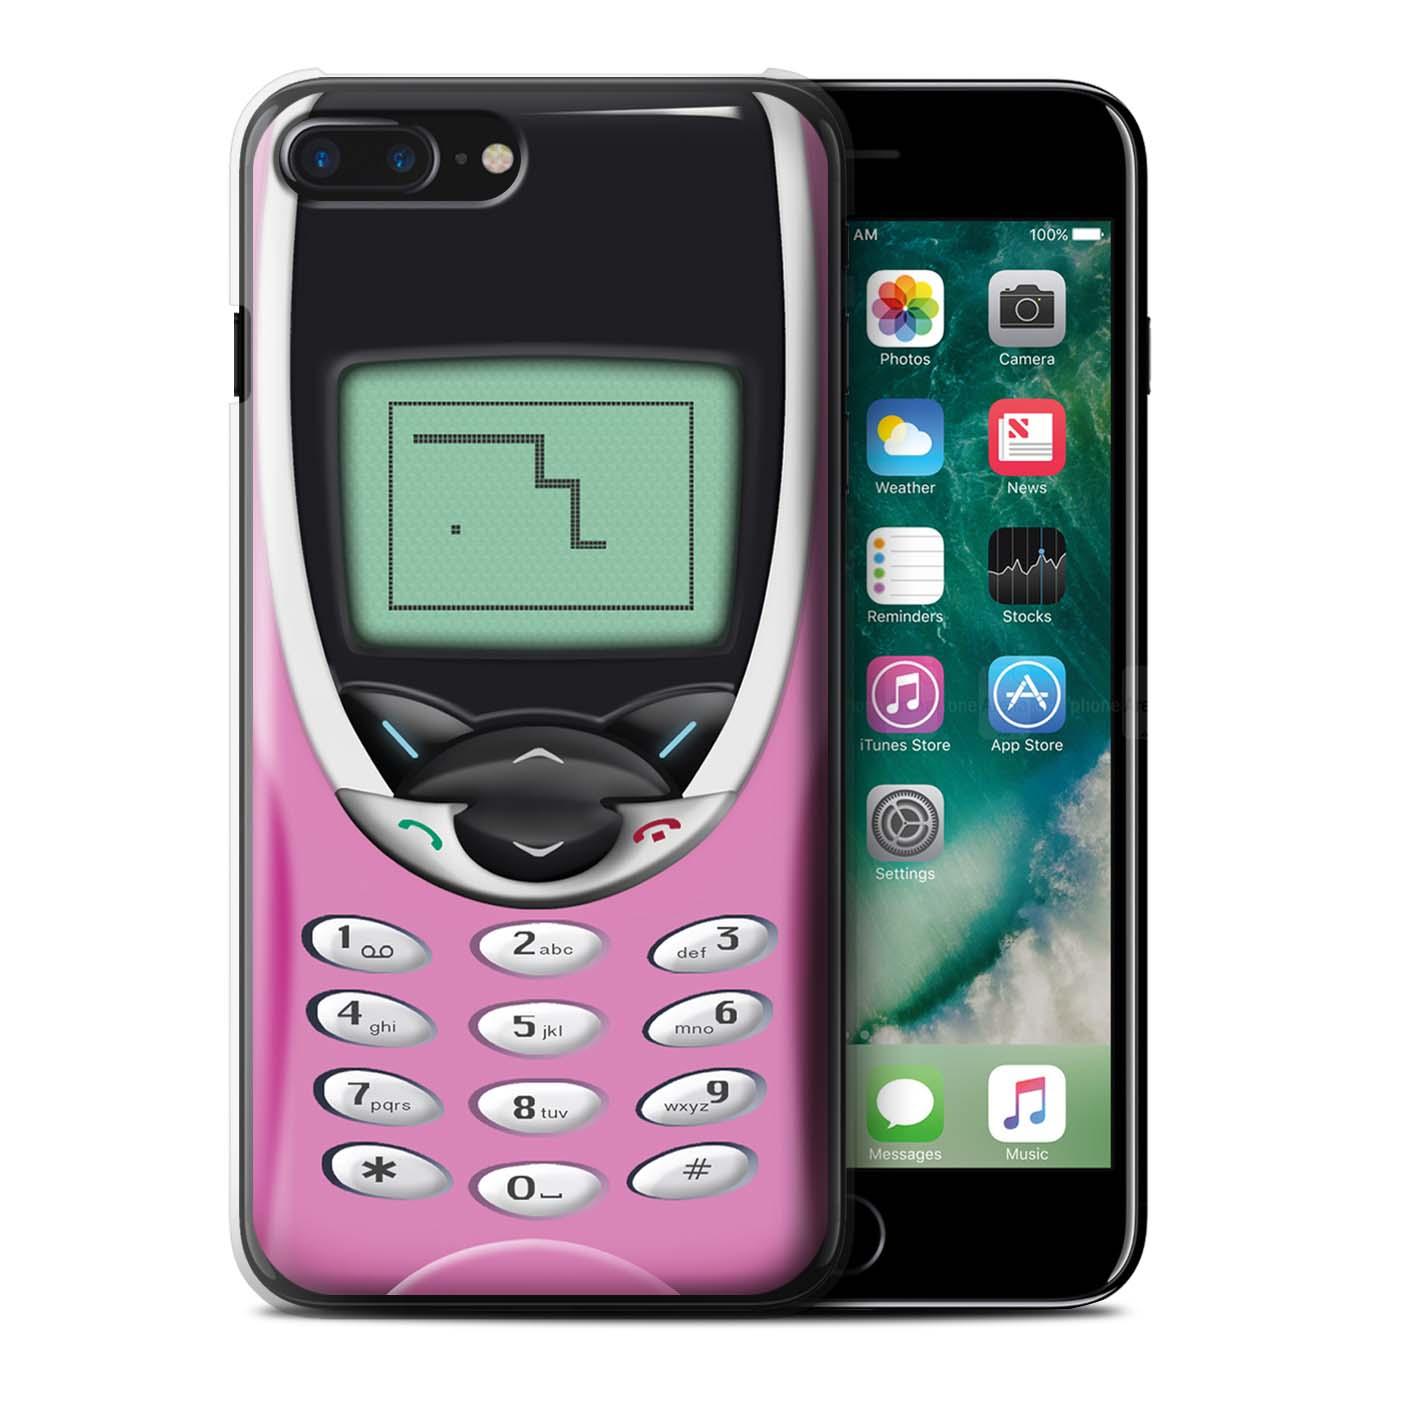 Coque-Etui-Housse-de-Stuff4-pour-Apple-iPhone-7-Plus-Portables-retro